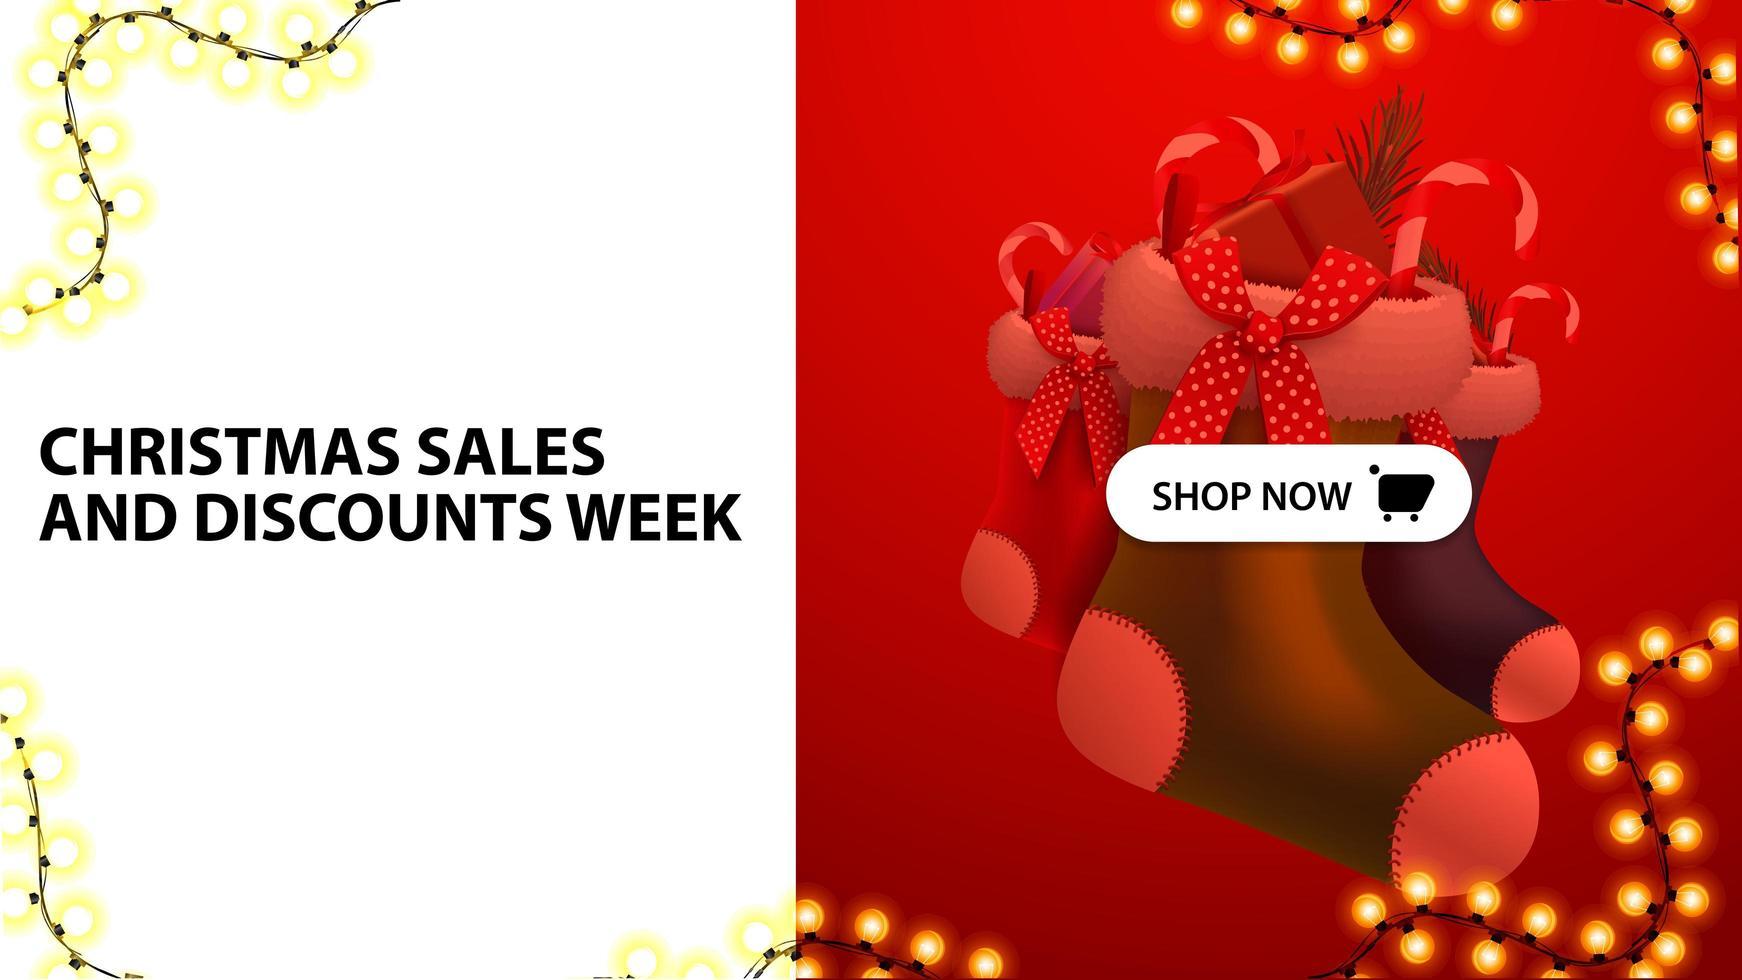 julförsäljning och rabatter vecka, vit och röd rabatt banner med knapp och julstrumpor vektor